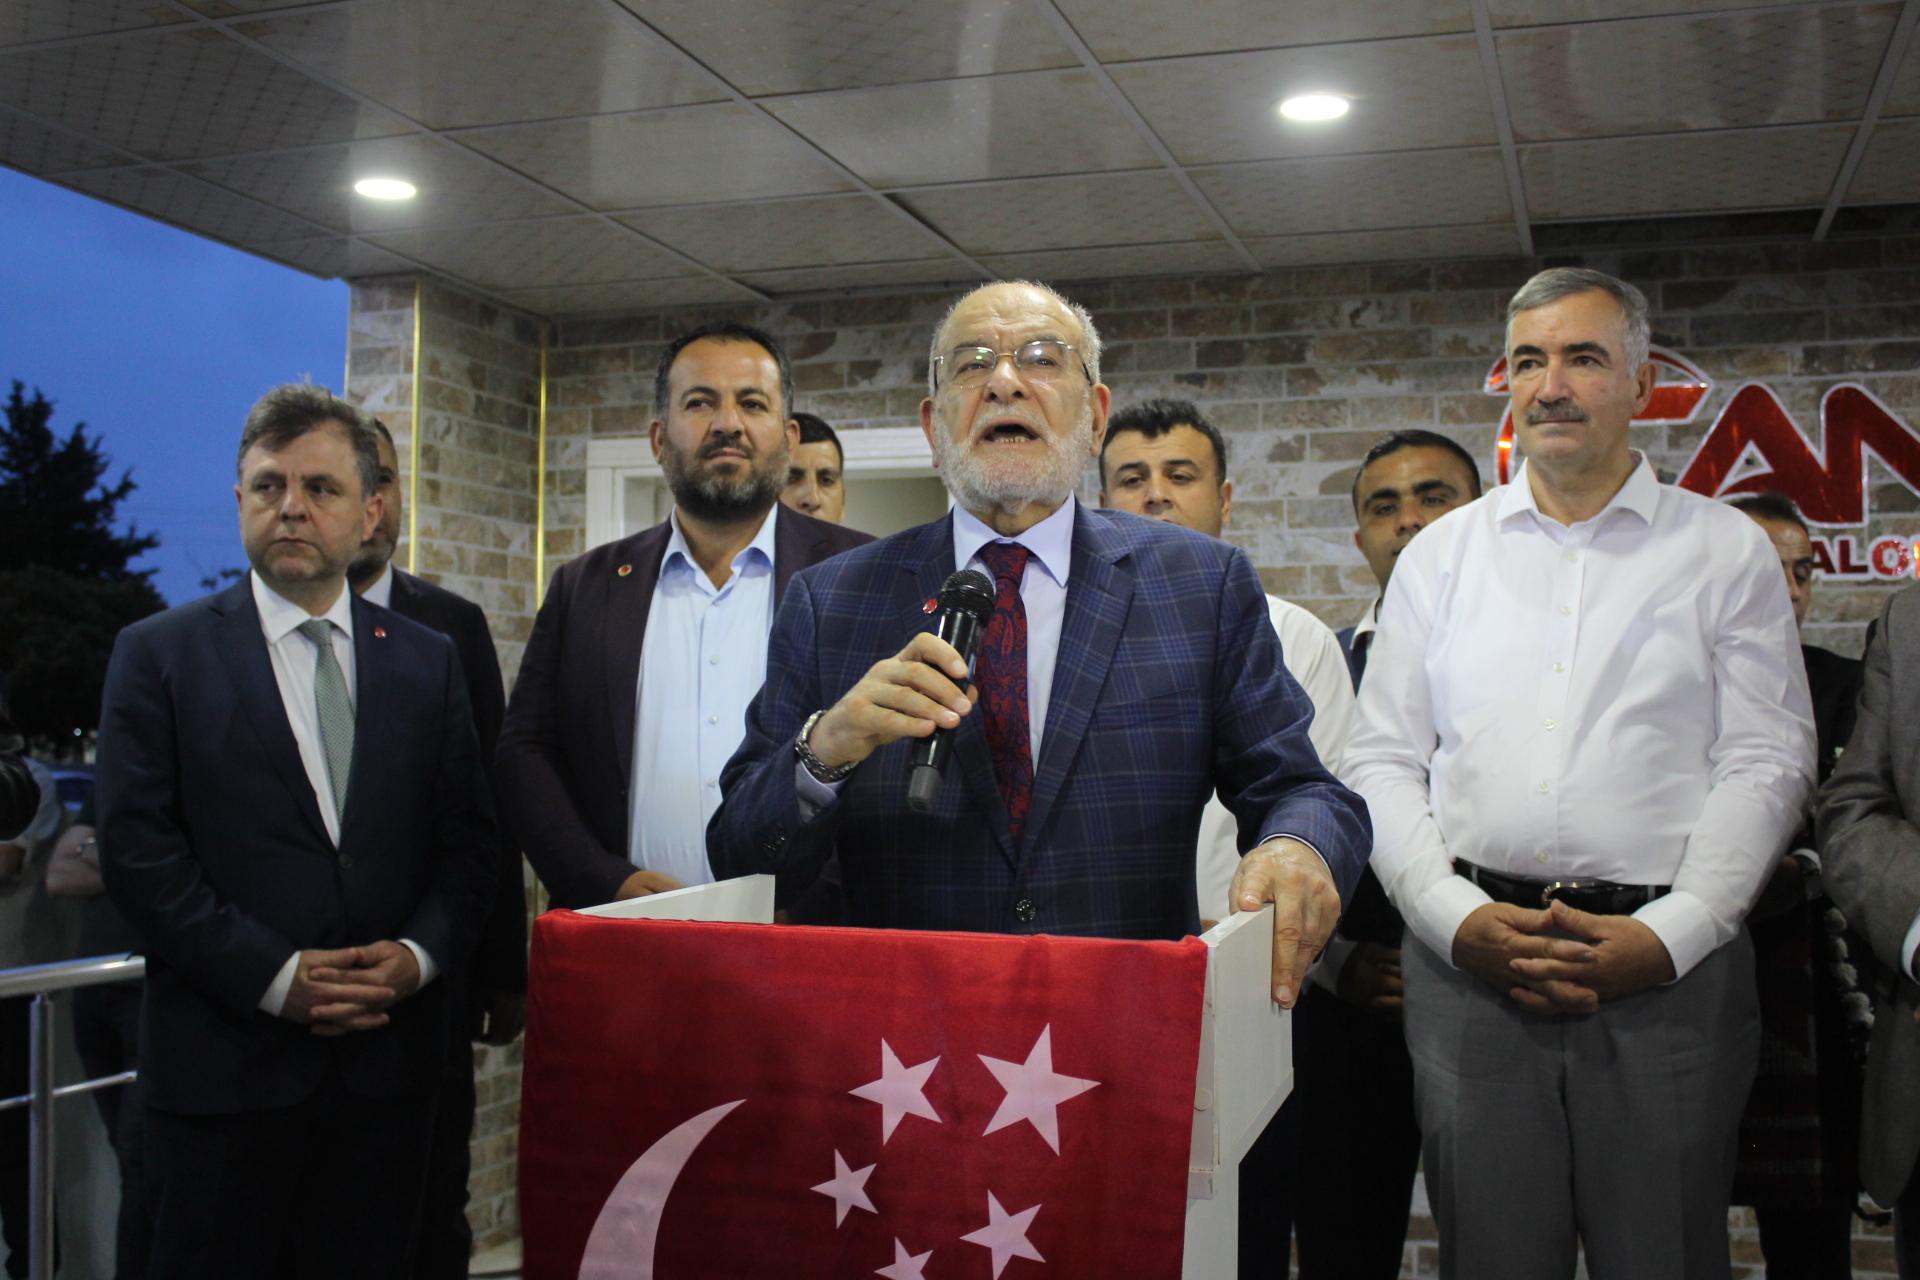 SP Genel Başkanı Karamollaoğlu Kahta'da İftar Açtı